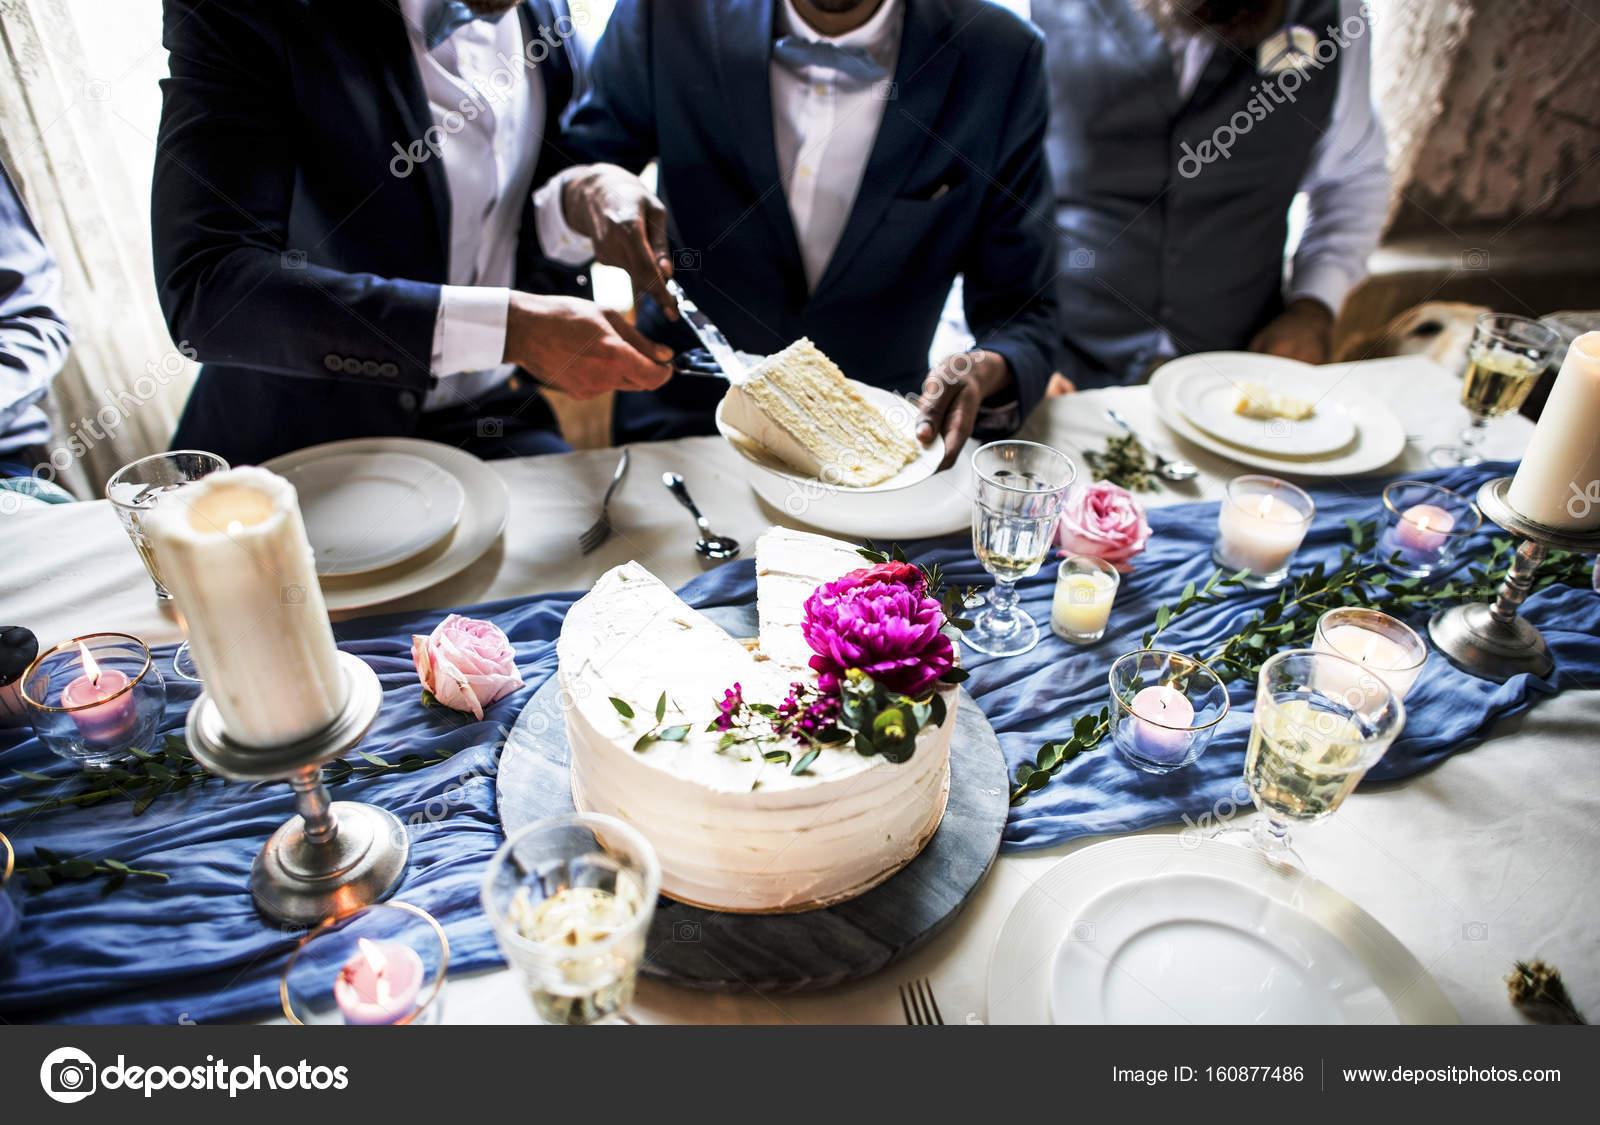 homo taart homo paar krijgen taart — Stockfoto © Rawpixel #160877486 homo taart